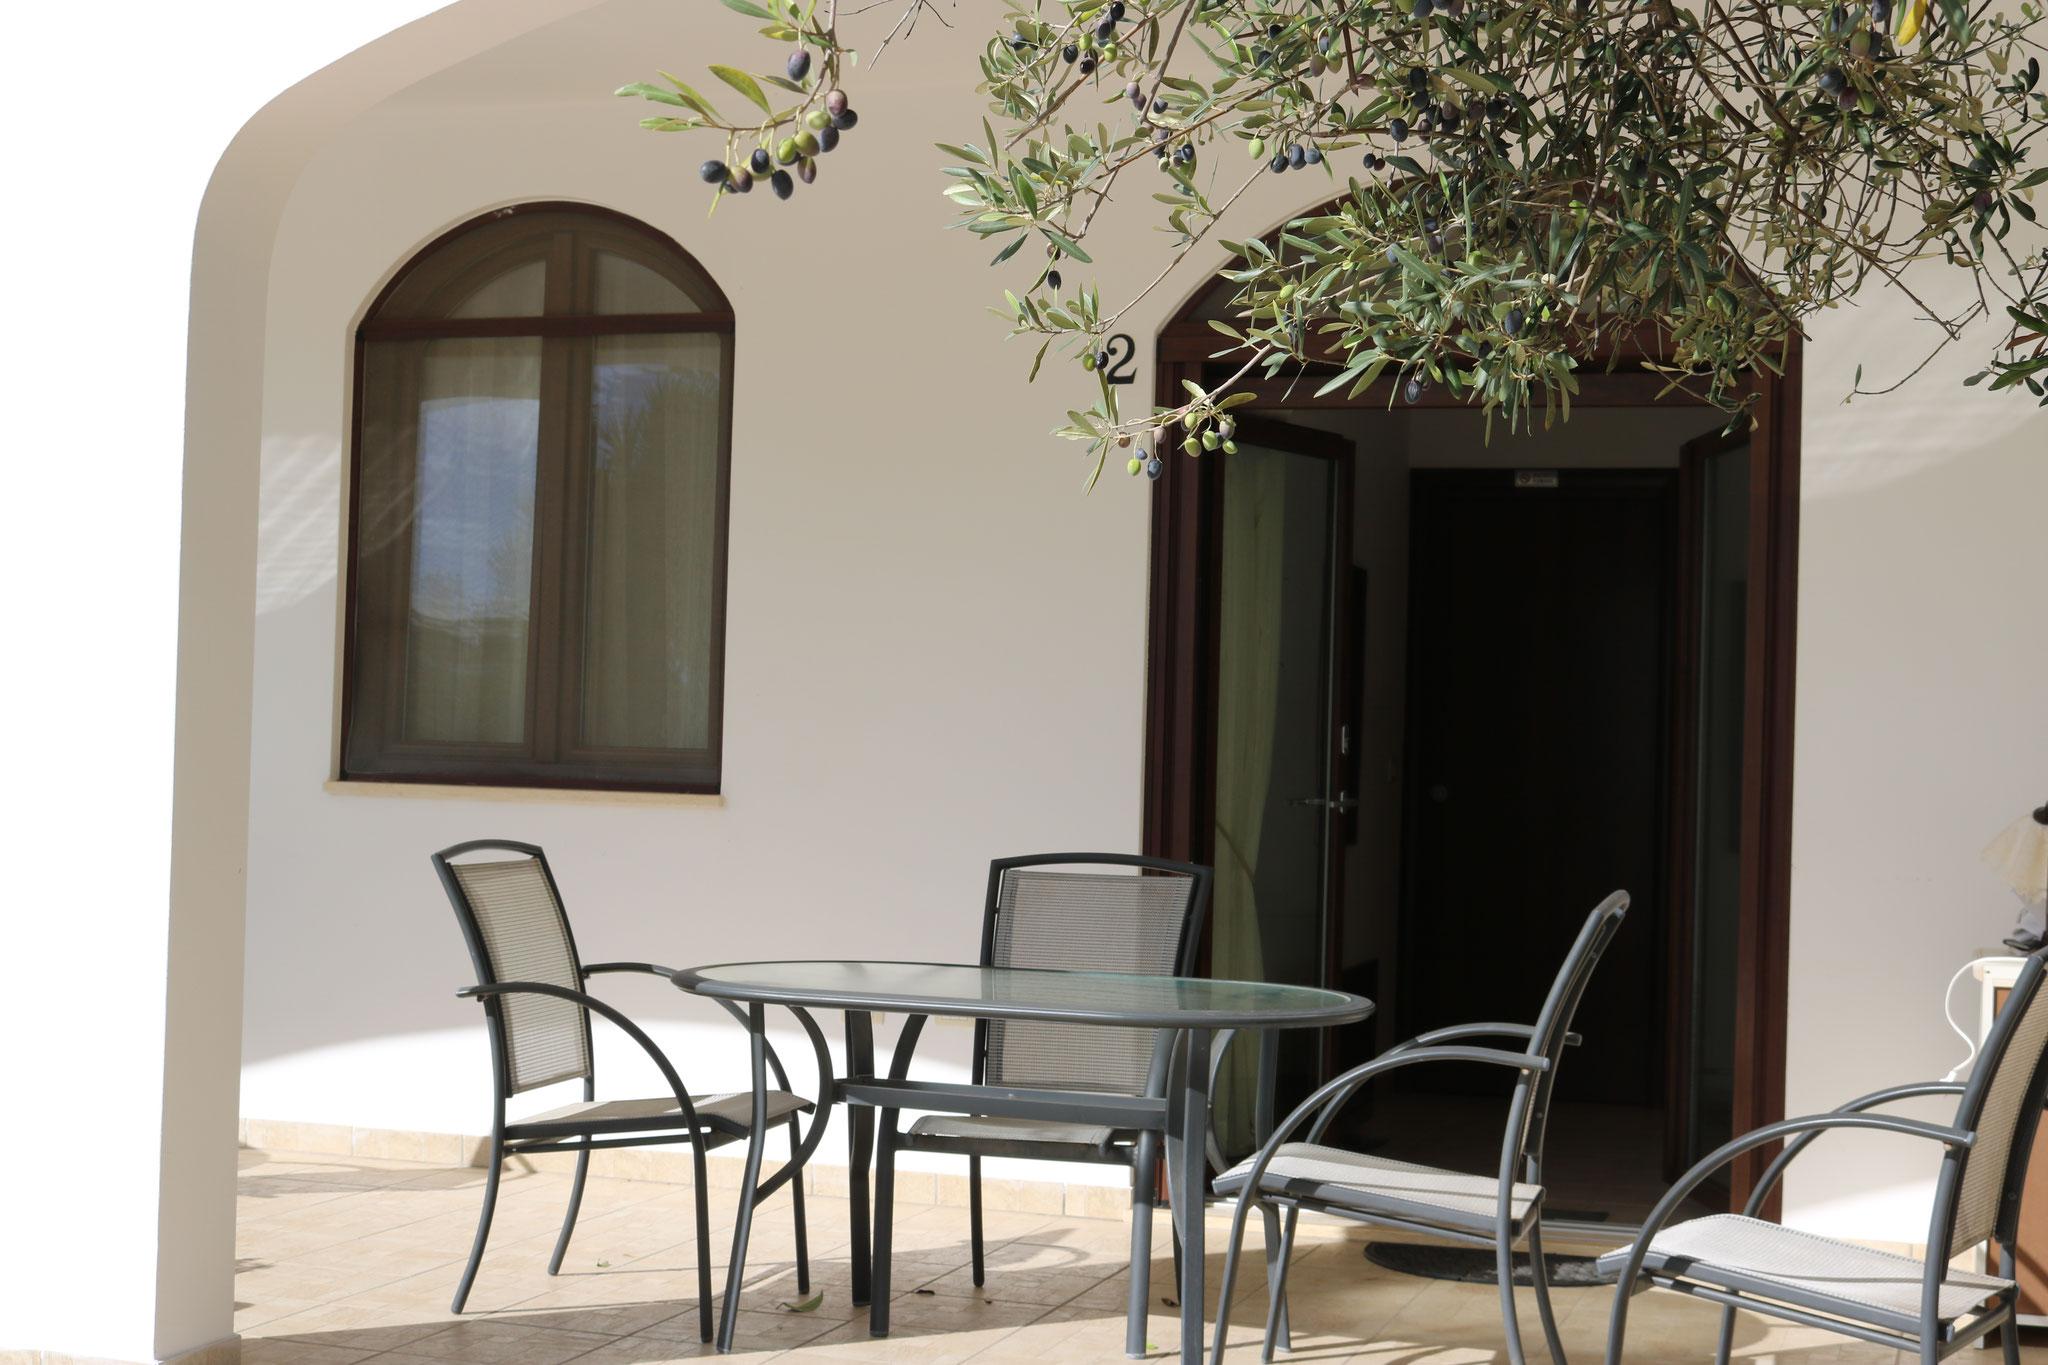 Terrasse - Matera 2